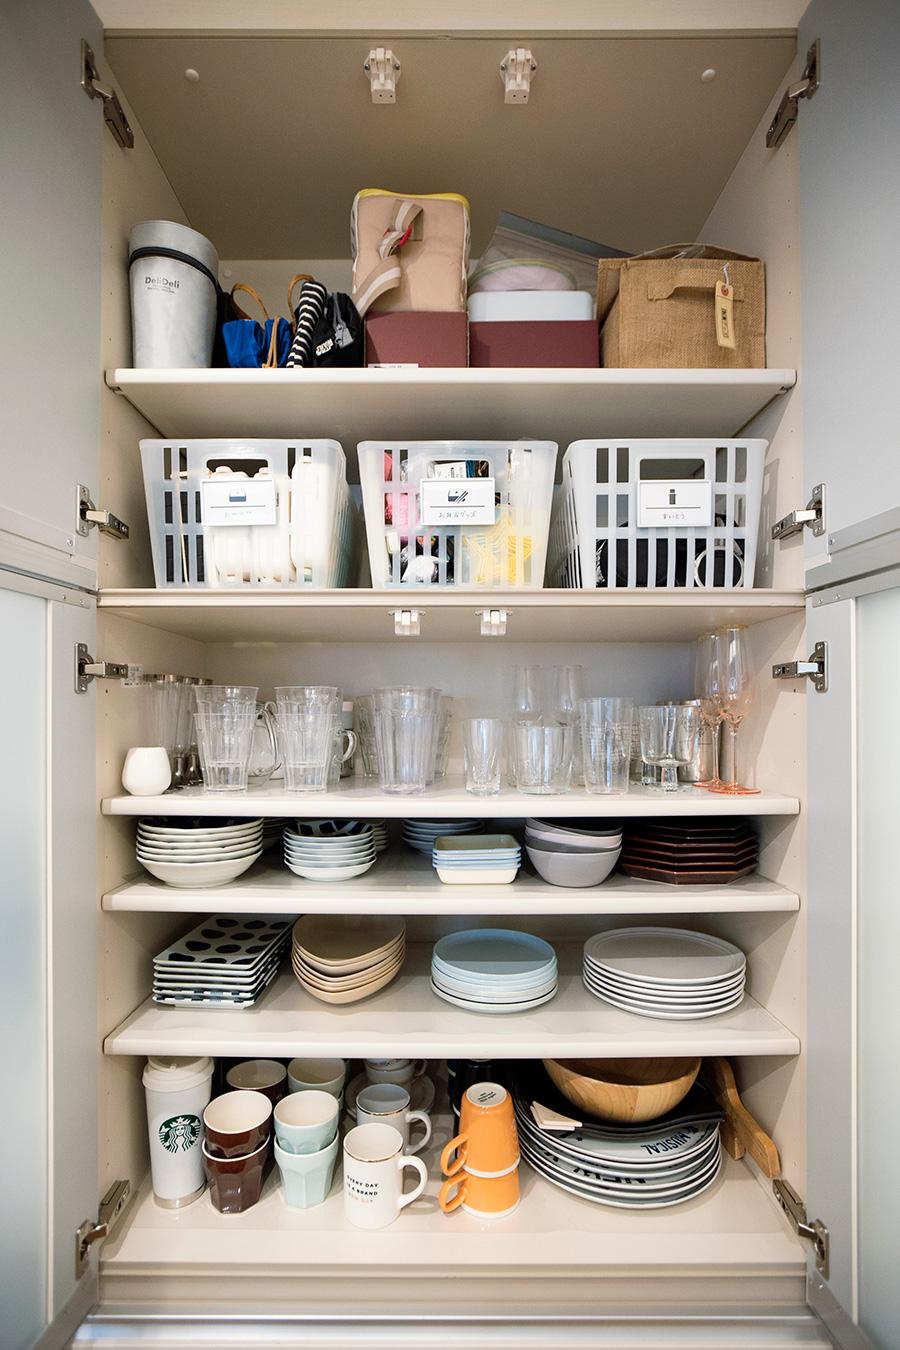 日々使う食器をスタッキングして収納。お弁当グッズはカゴごと取り出して使用している。